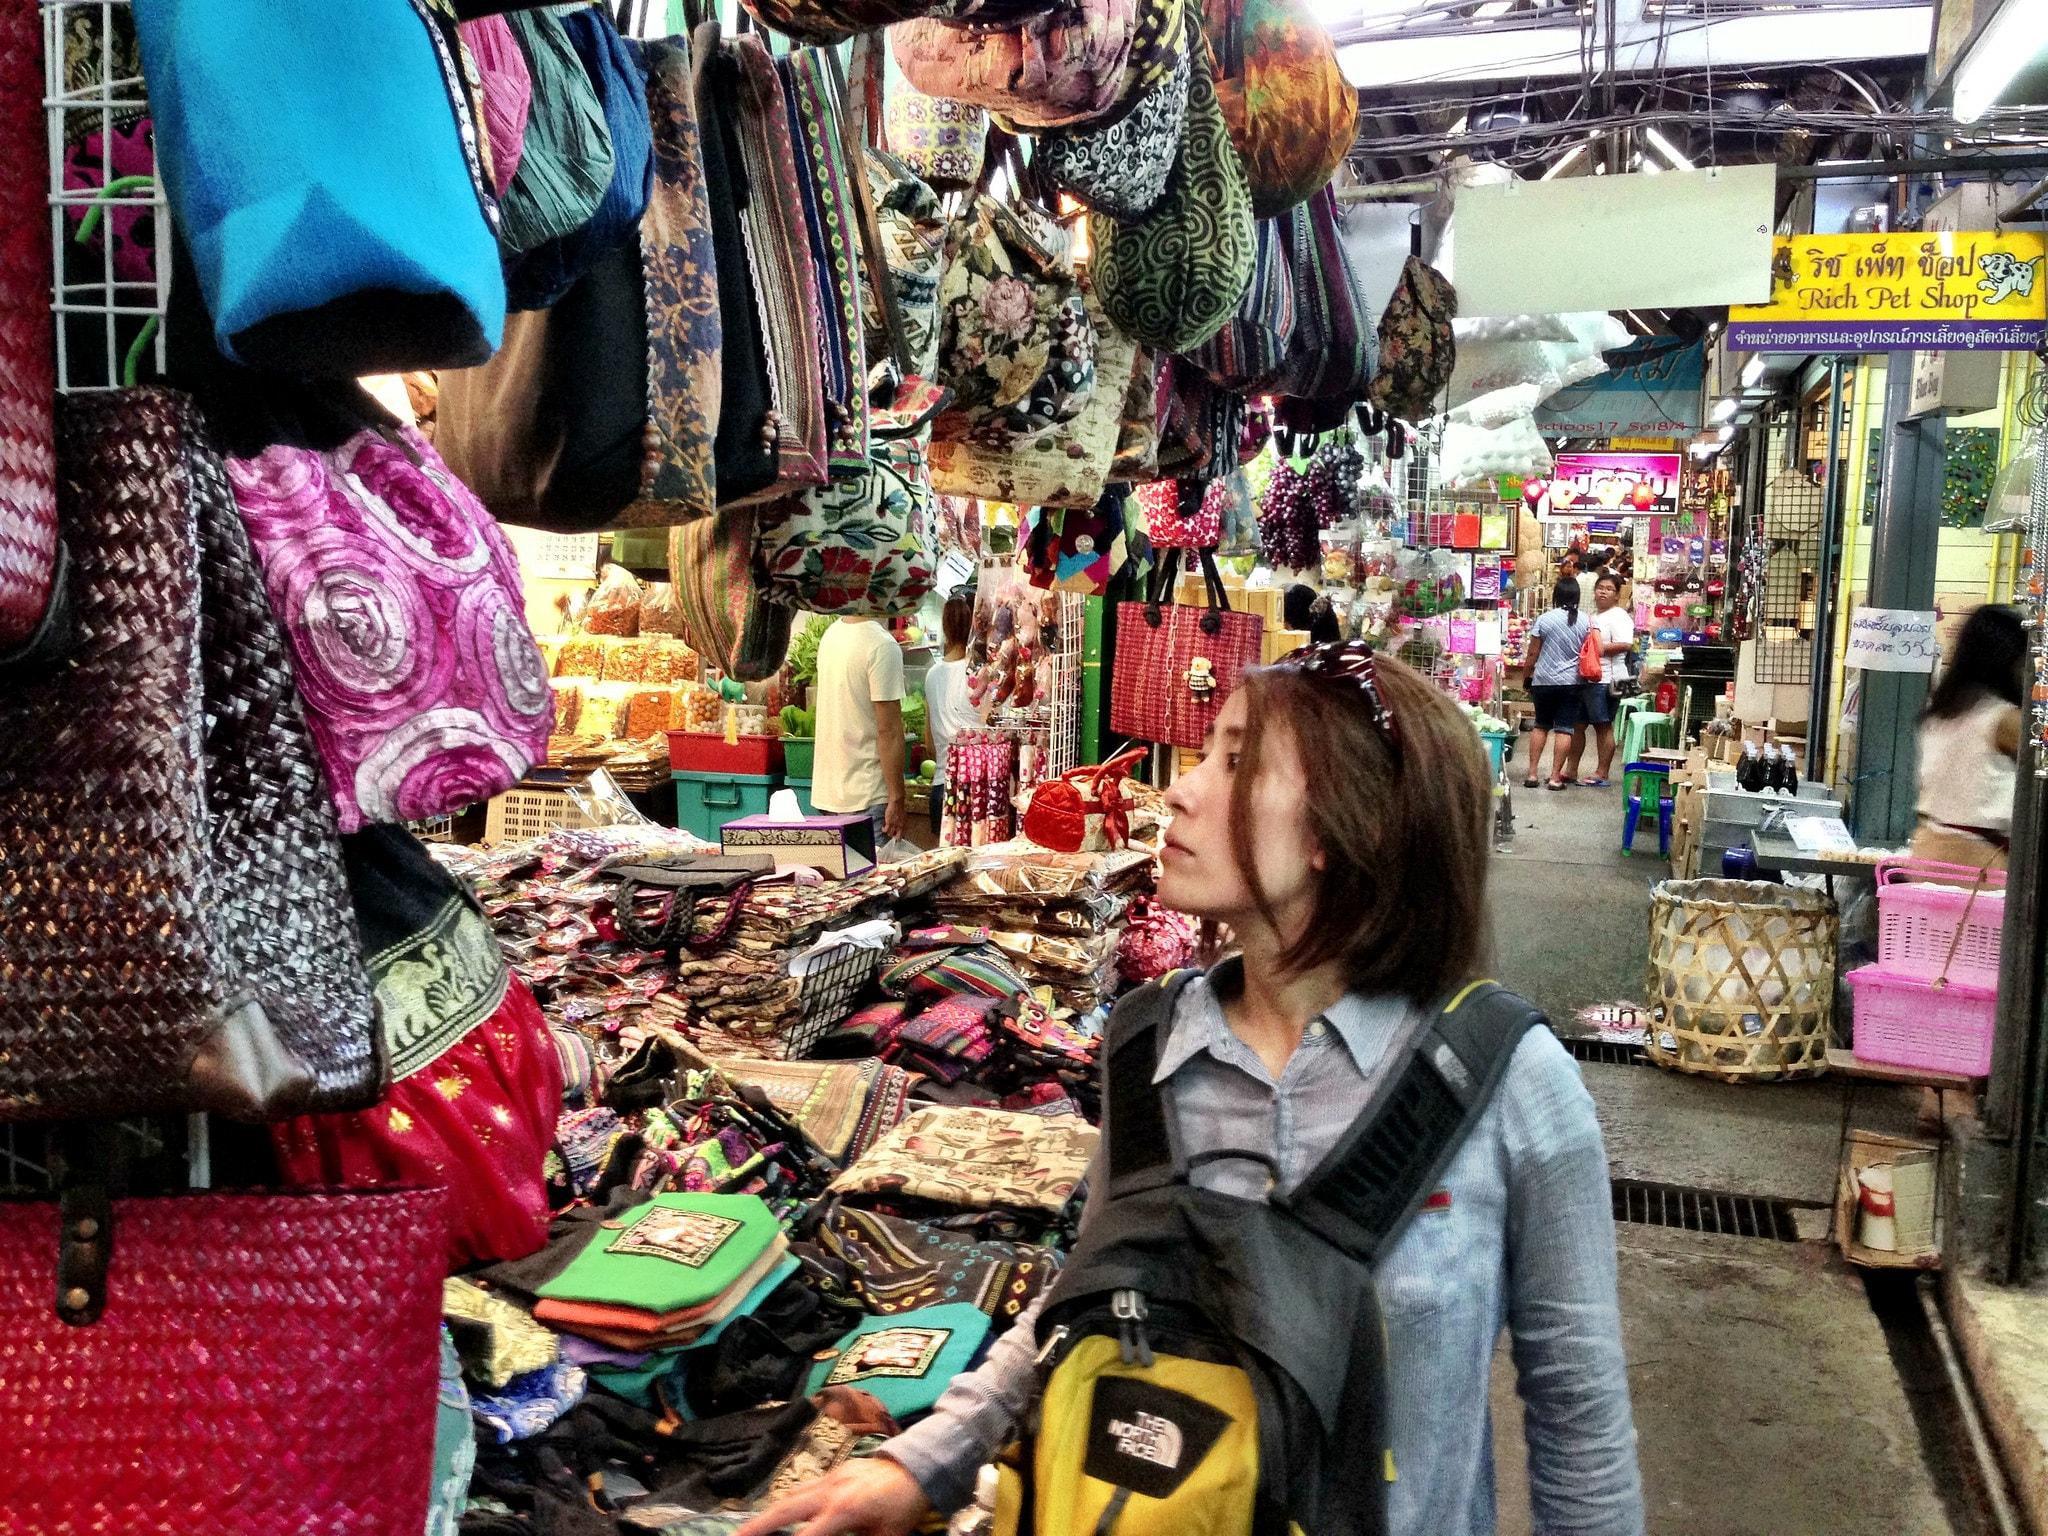 Panama City Beach Area Flea Markets